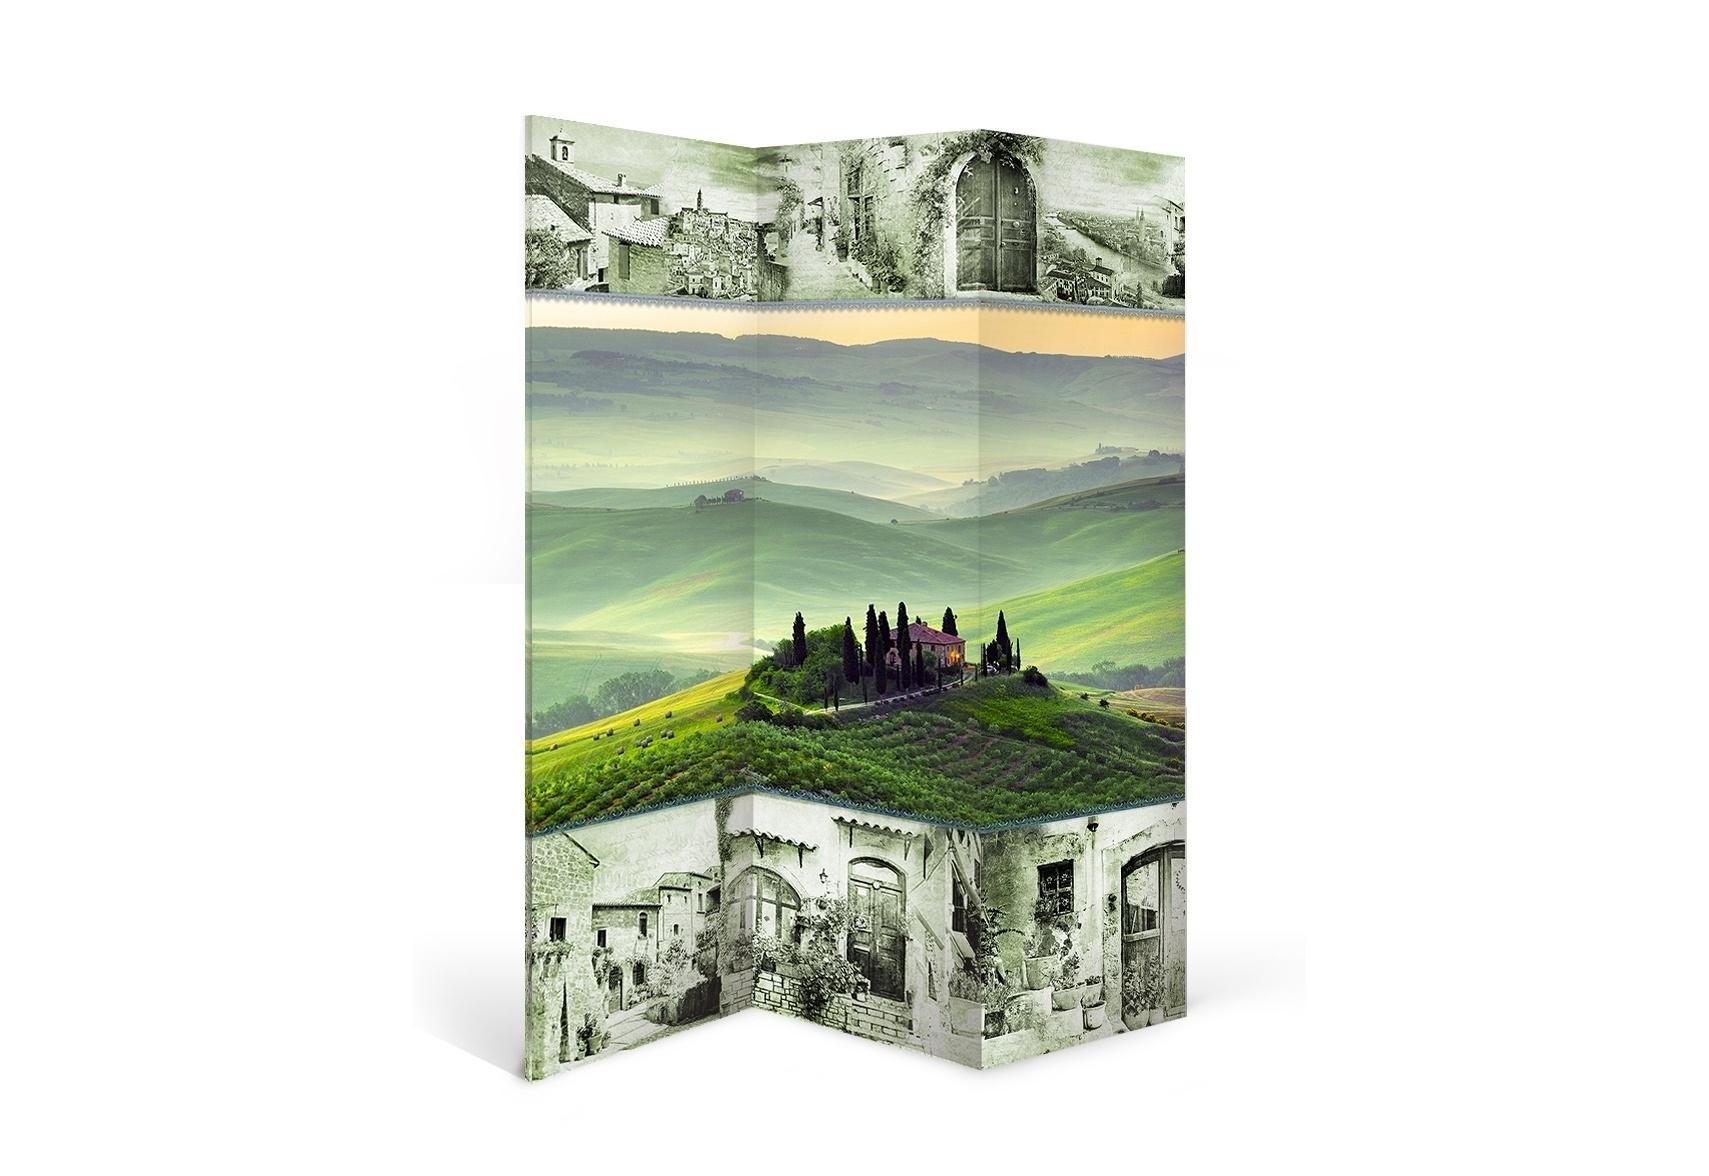 Ширма Italian landscapesШирмы<br>Односторонняя ширма из коллекции Catherine D&amp;quot;argent&amp;lt;div&amp;gt;&amp;lt;br&amp;gt;&amp;lt;/div&amp;gt;&amp;lt;div&amp;gt;Материал: нетканный материал, пигментные краски.&amp;lt;br&amp;gt;&amp;lt;/div&amp;gt;<br><br>Material: Дерево<br>Width см: 150<br>Depth см: 7<br>Height см: 180